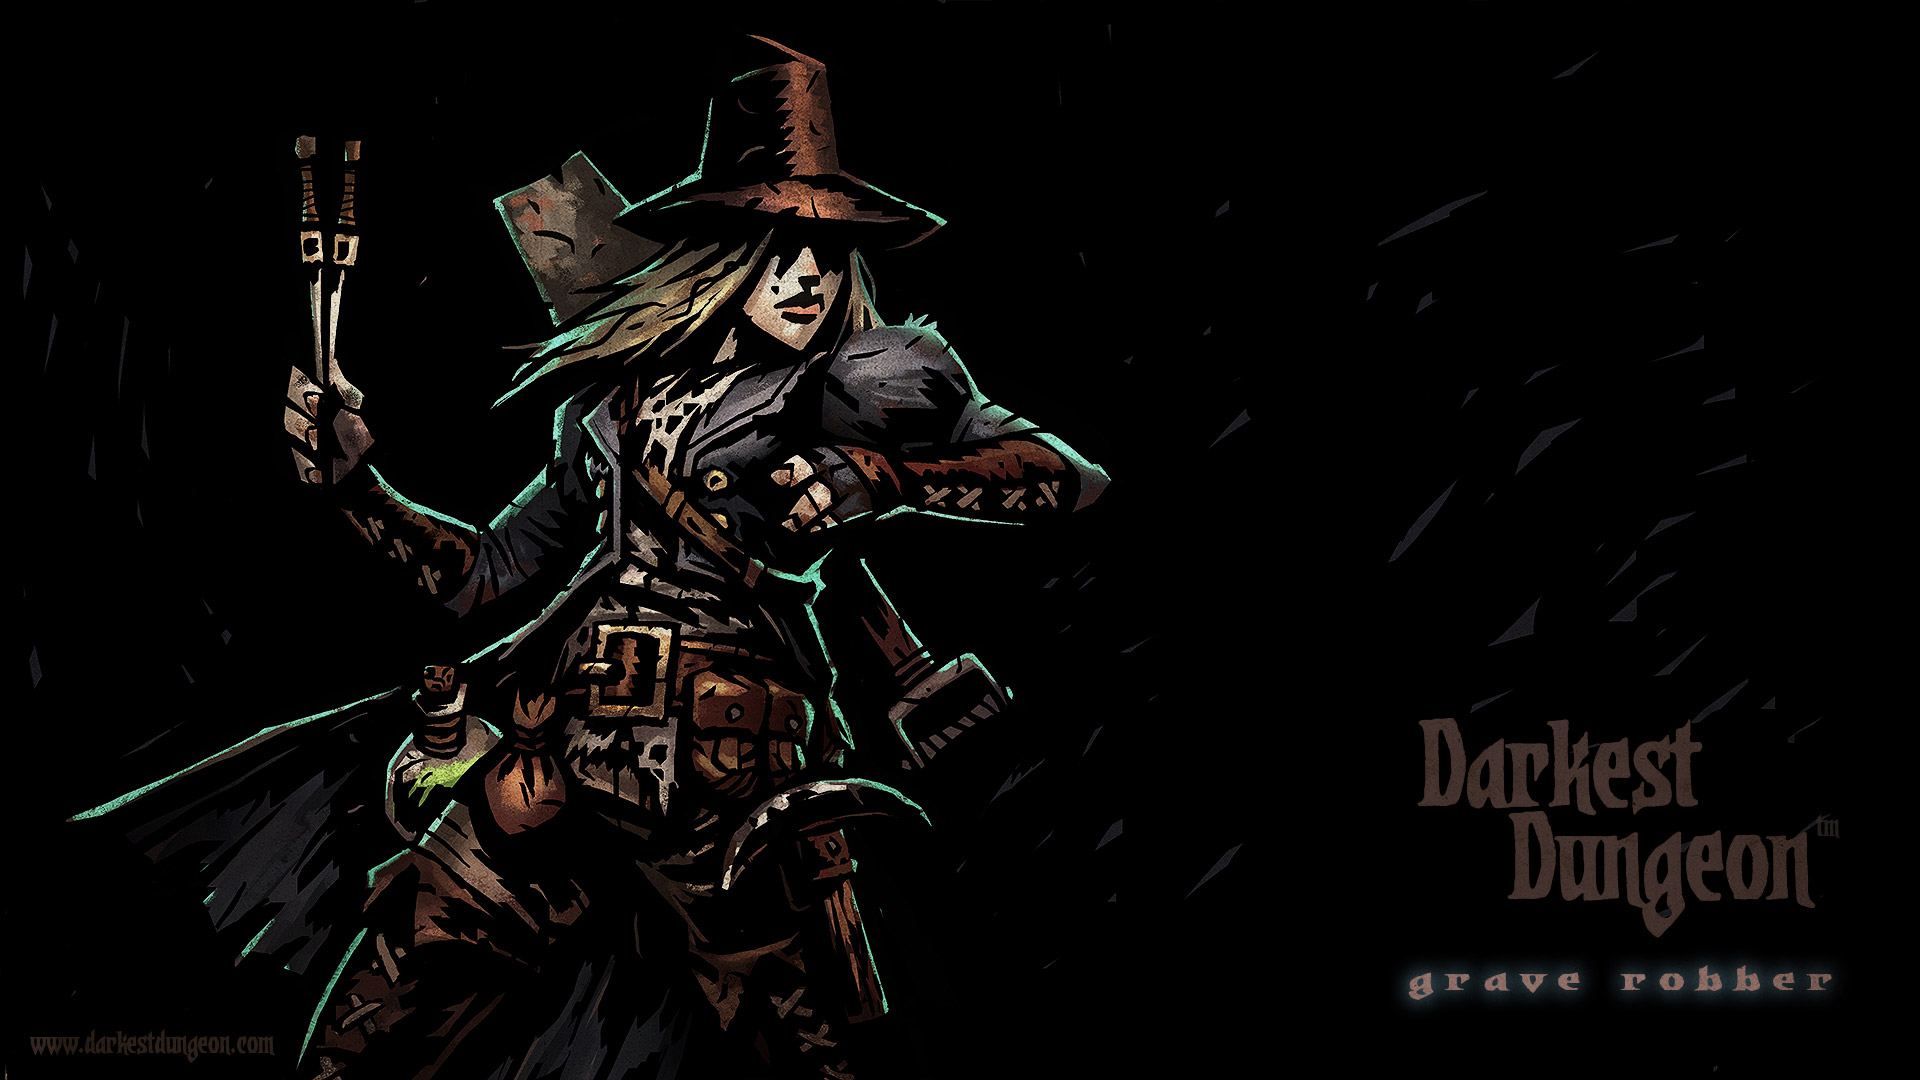 Free Darkest Dungeon Wallpaper in 1920x1080